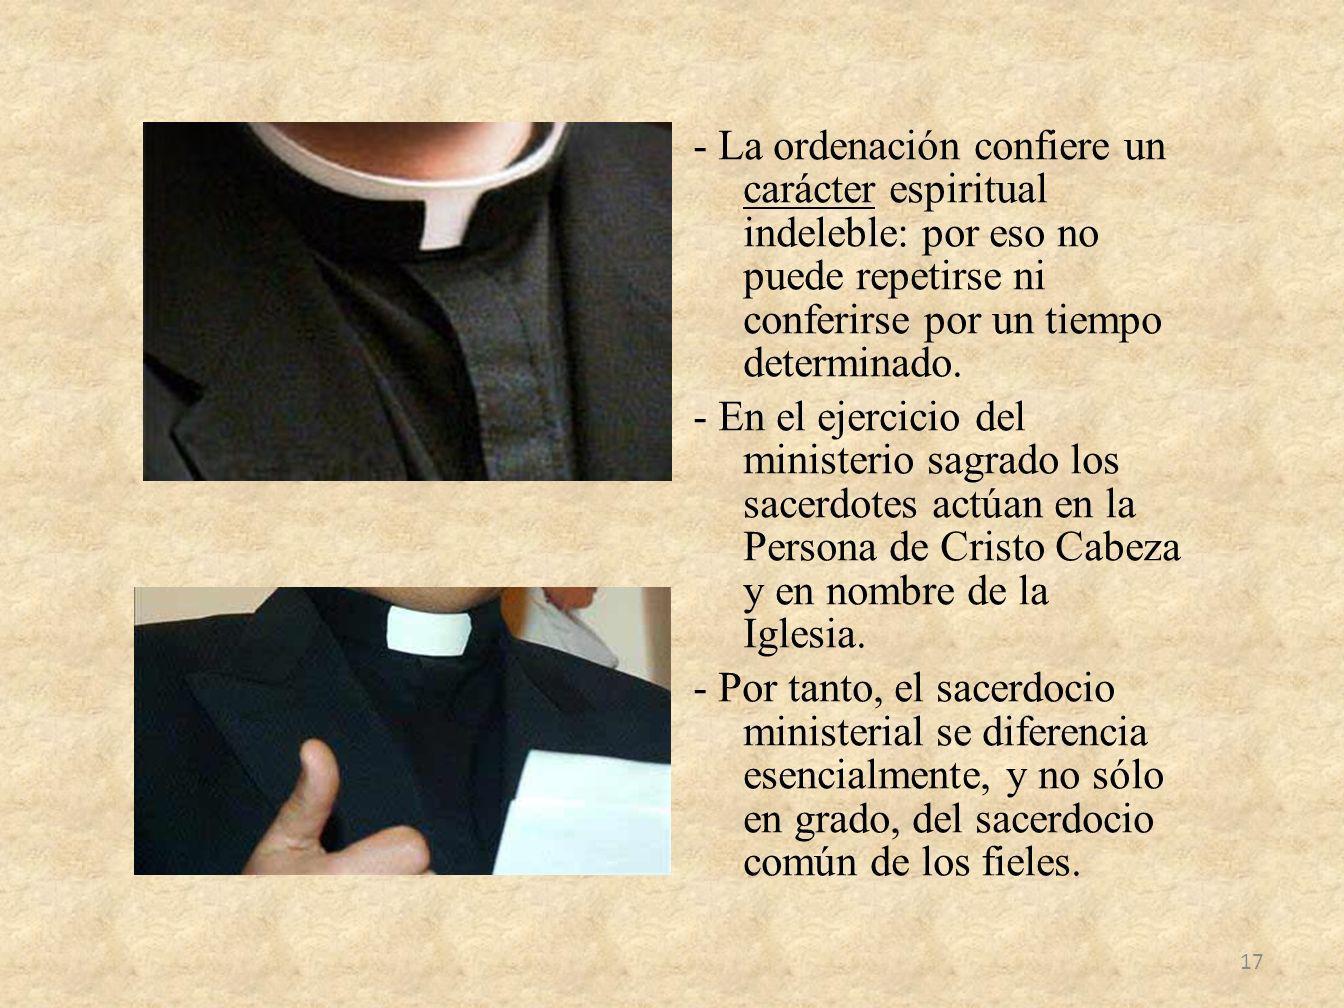 - La ordenación confiere un carácter espiritual indeleble: por eso no puede repetirse ni conferirse por un tiempo determinado. - En el ejercicio del m